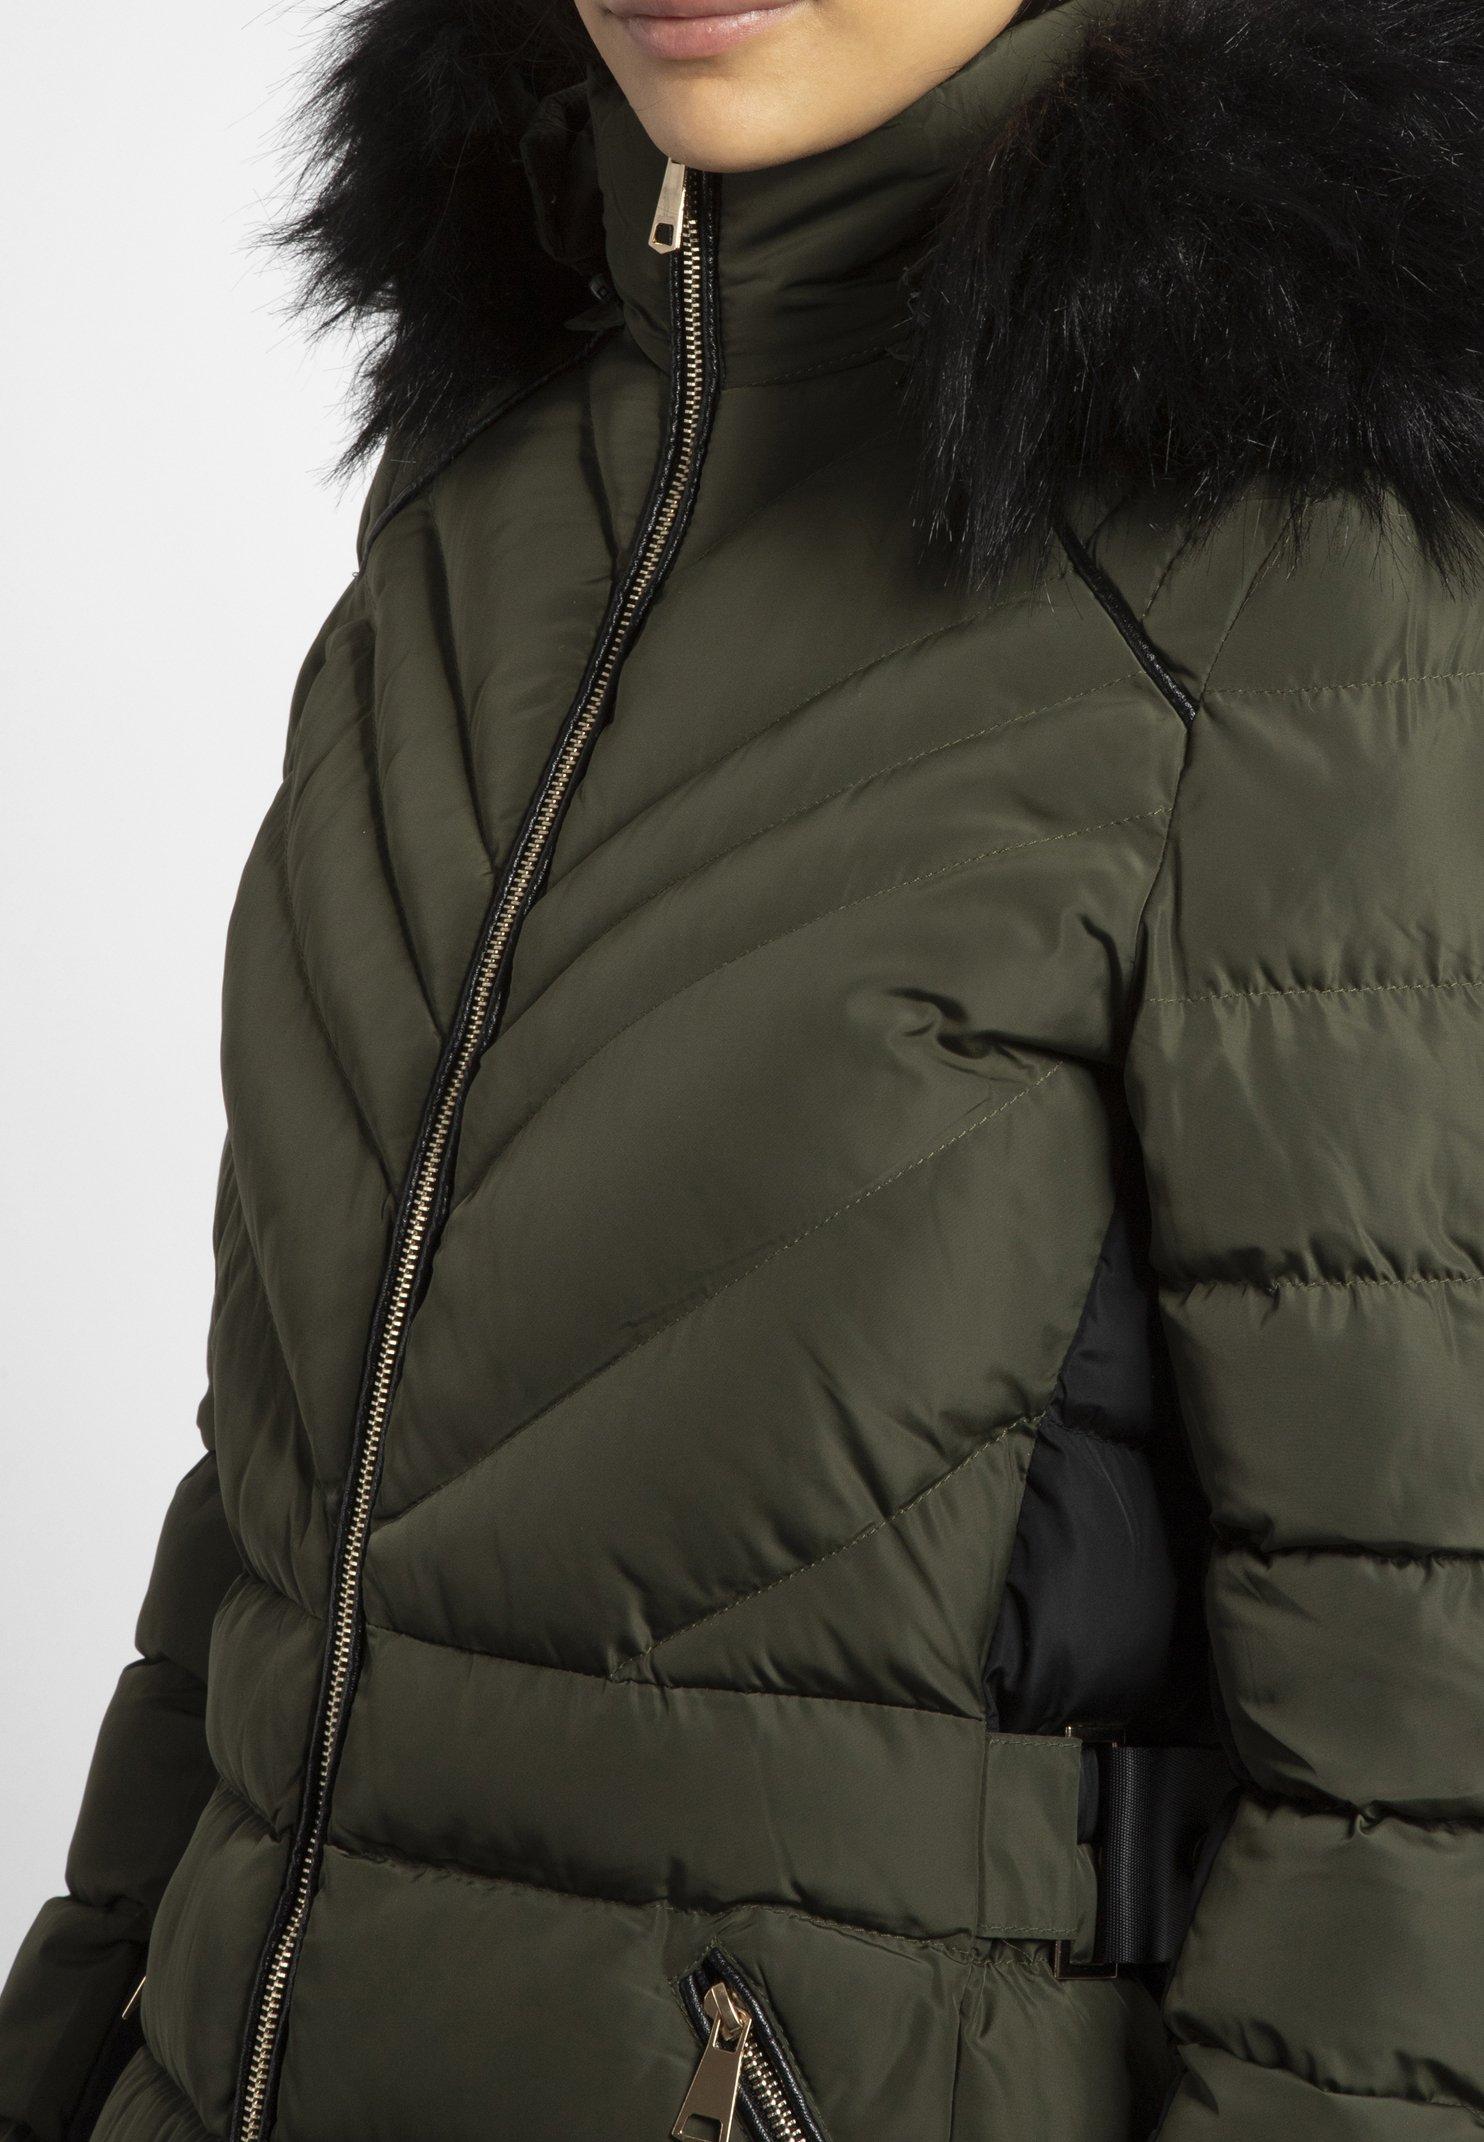 Apart Veste d'hiver - olive - Manteaux Femme c7SpV